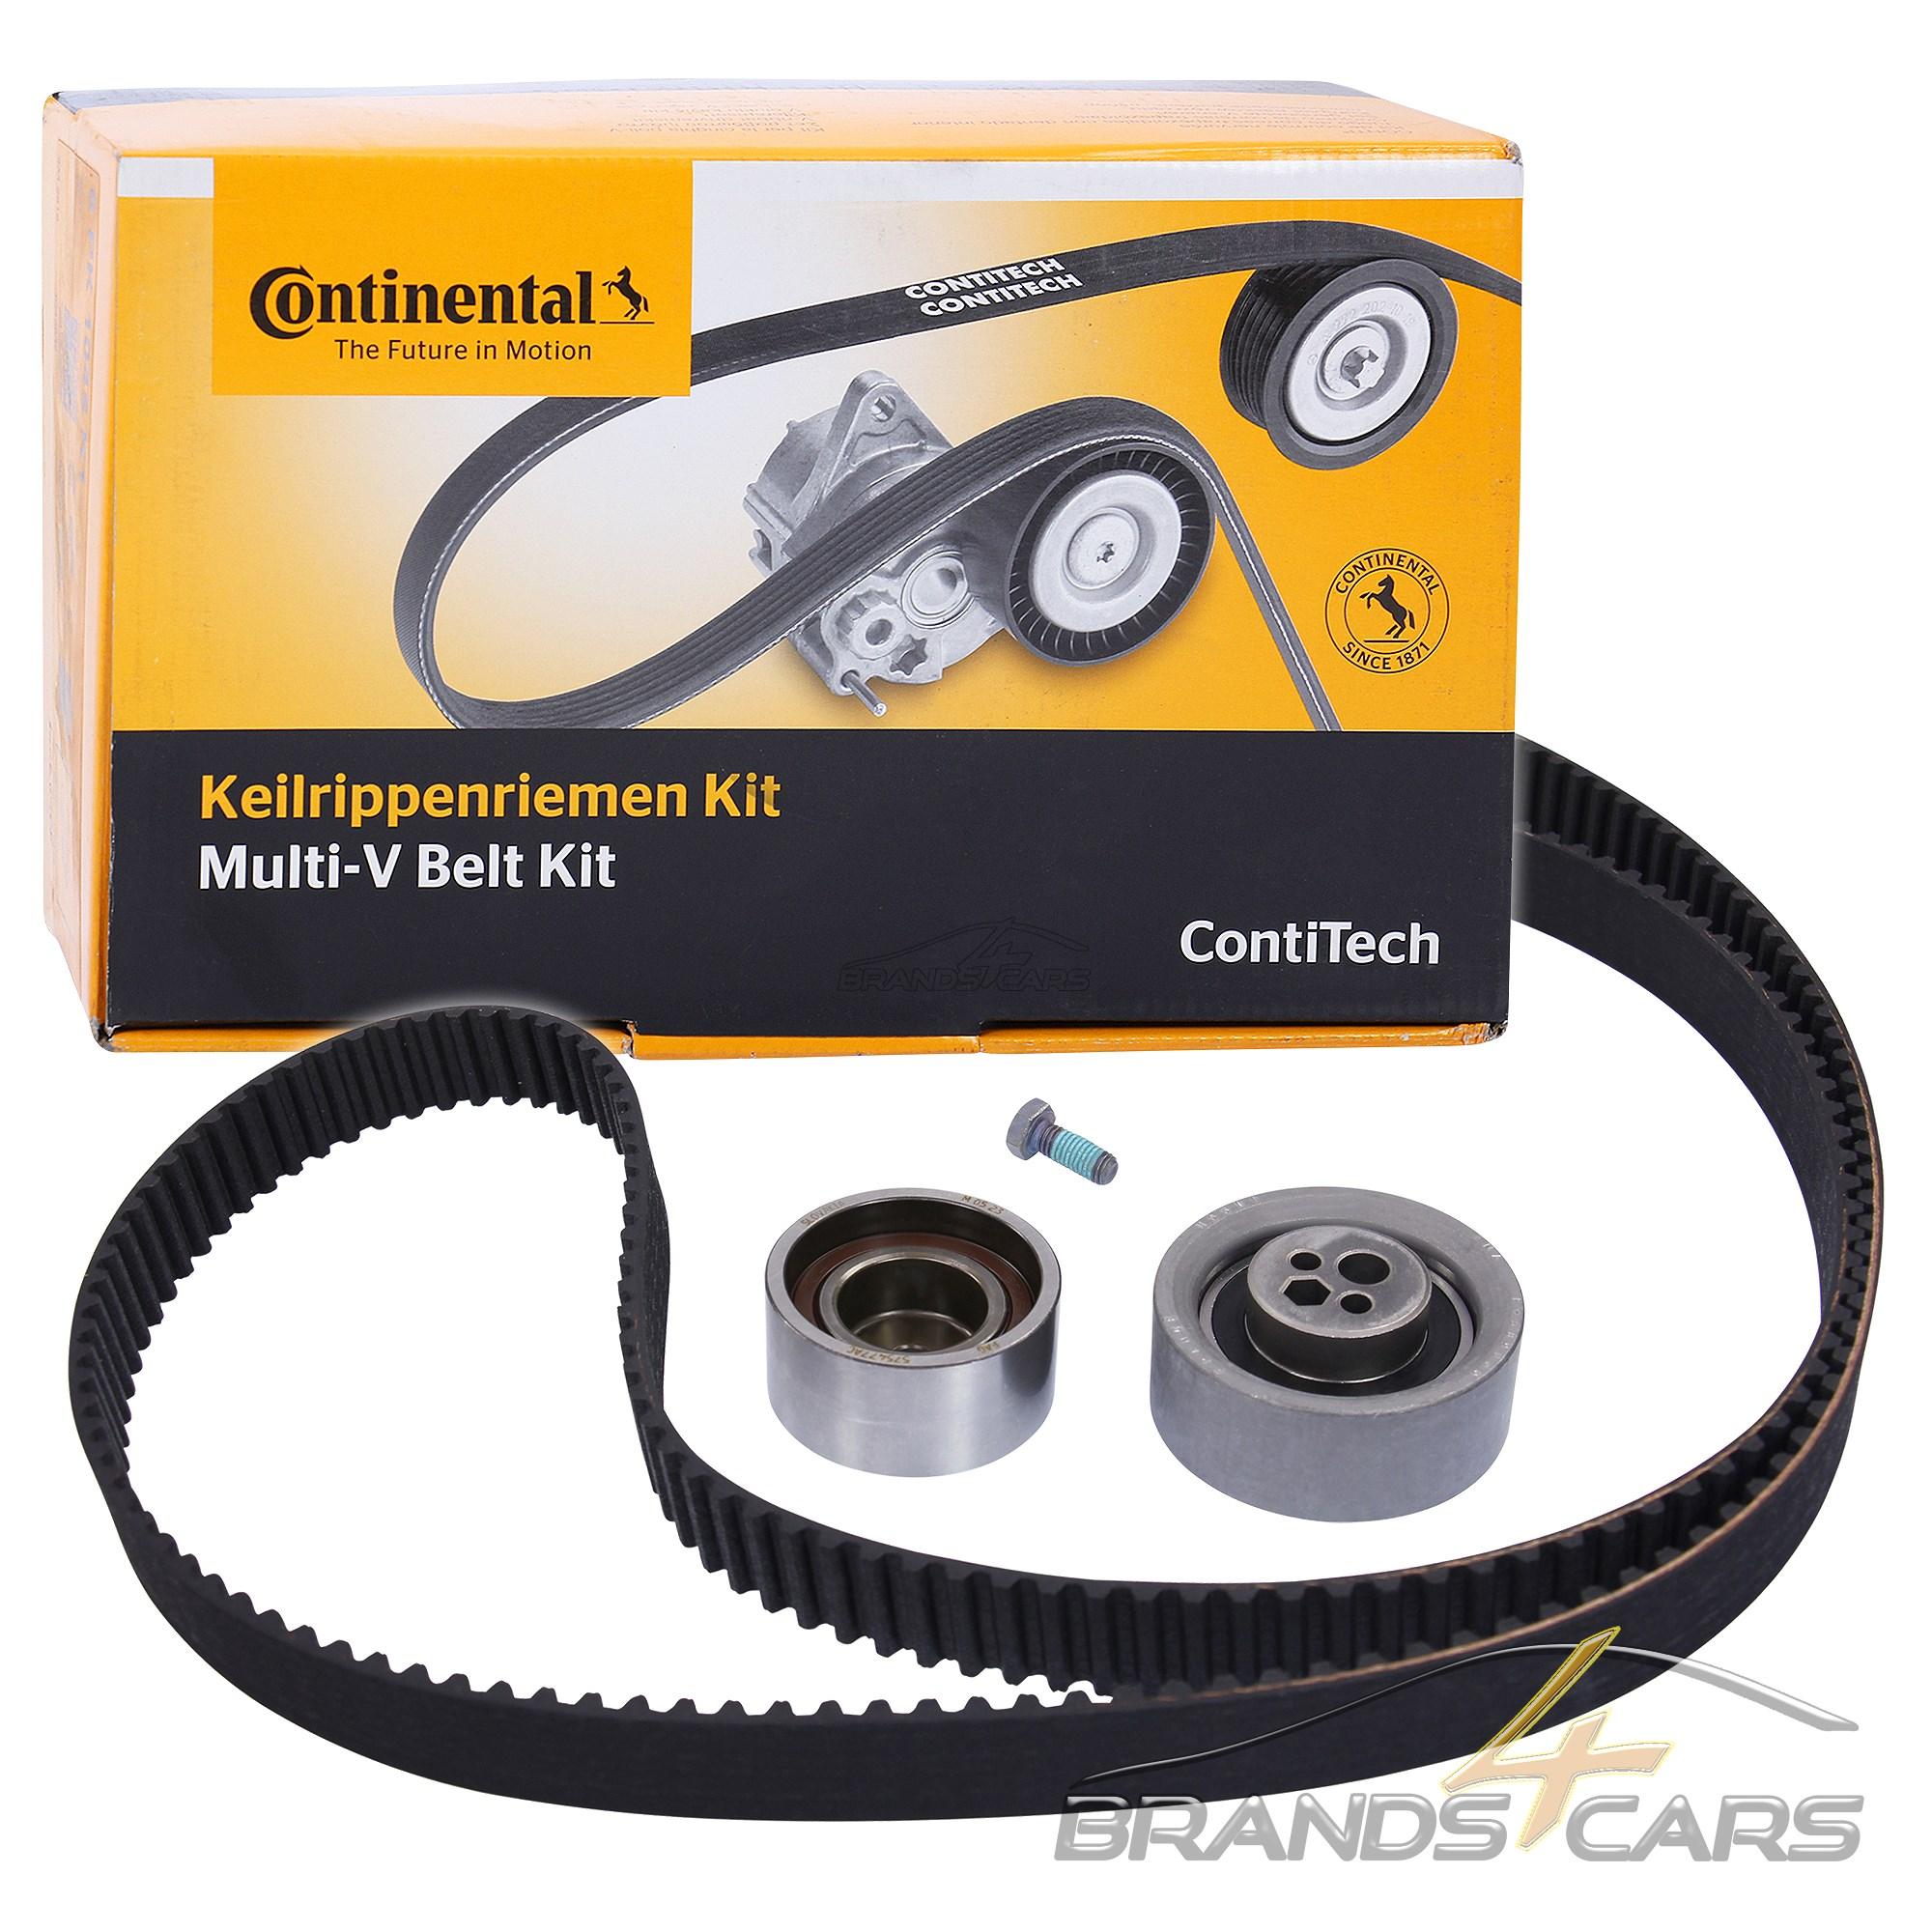 Contitech Courroie de distribution-Jeu Set Kit AUDI 100 4 A c4 2.6 2.8 Bj 90-94